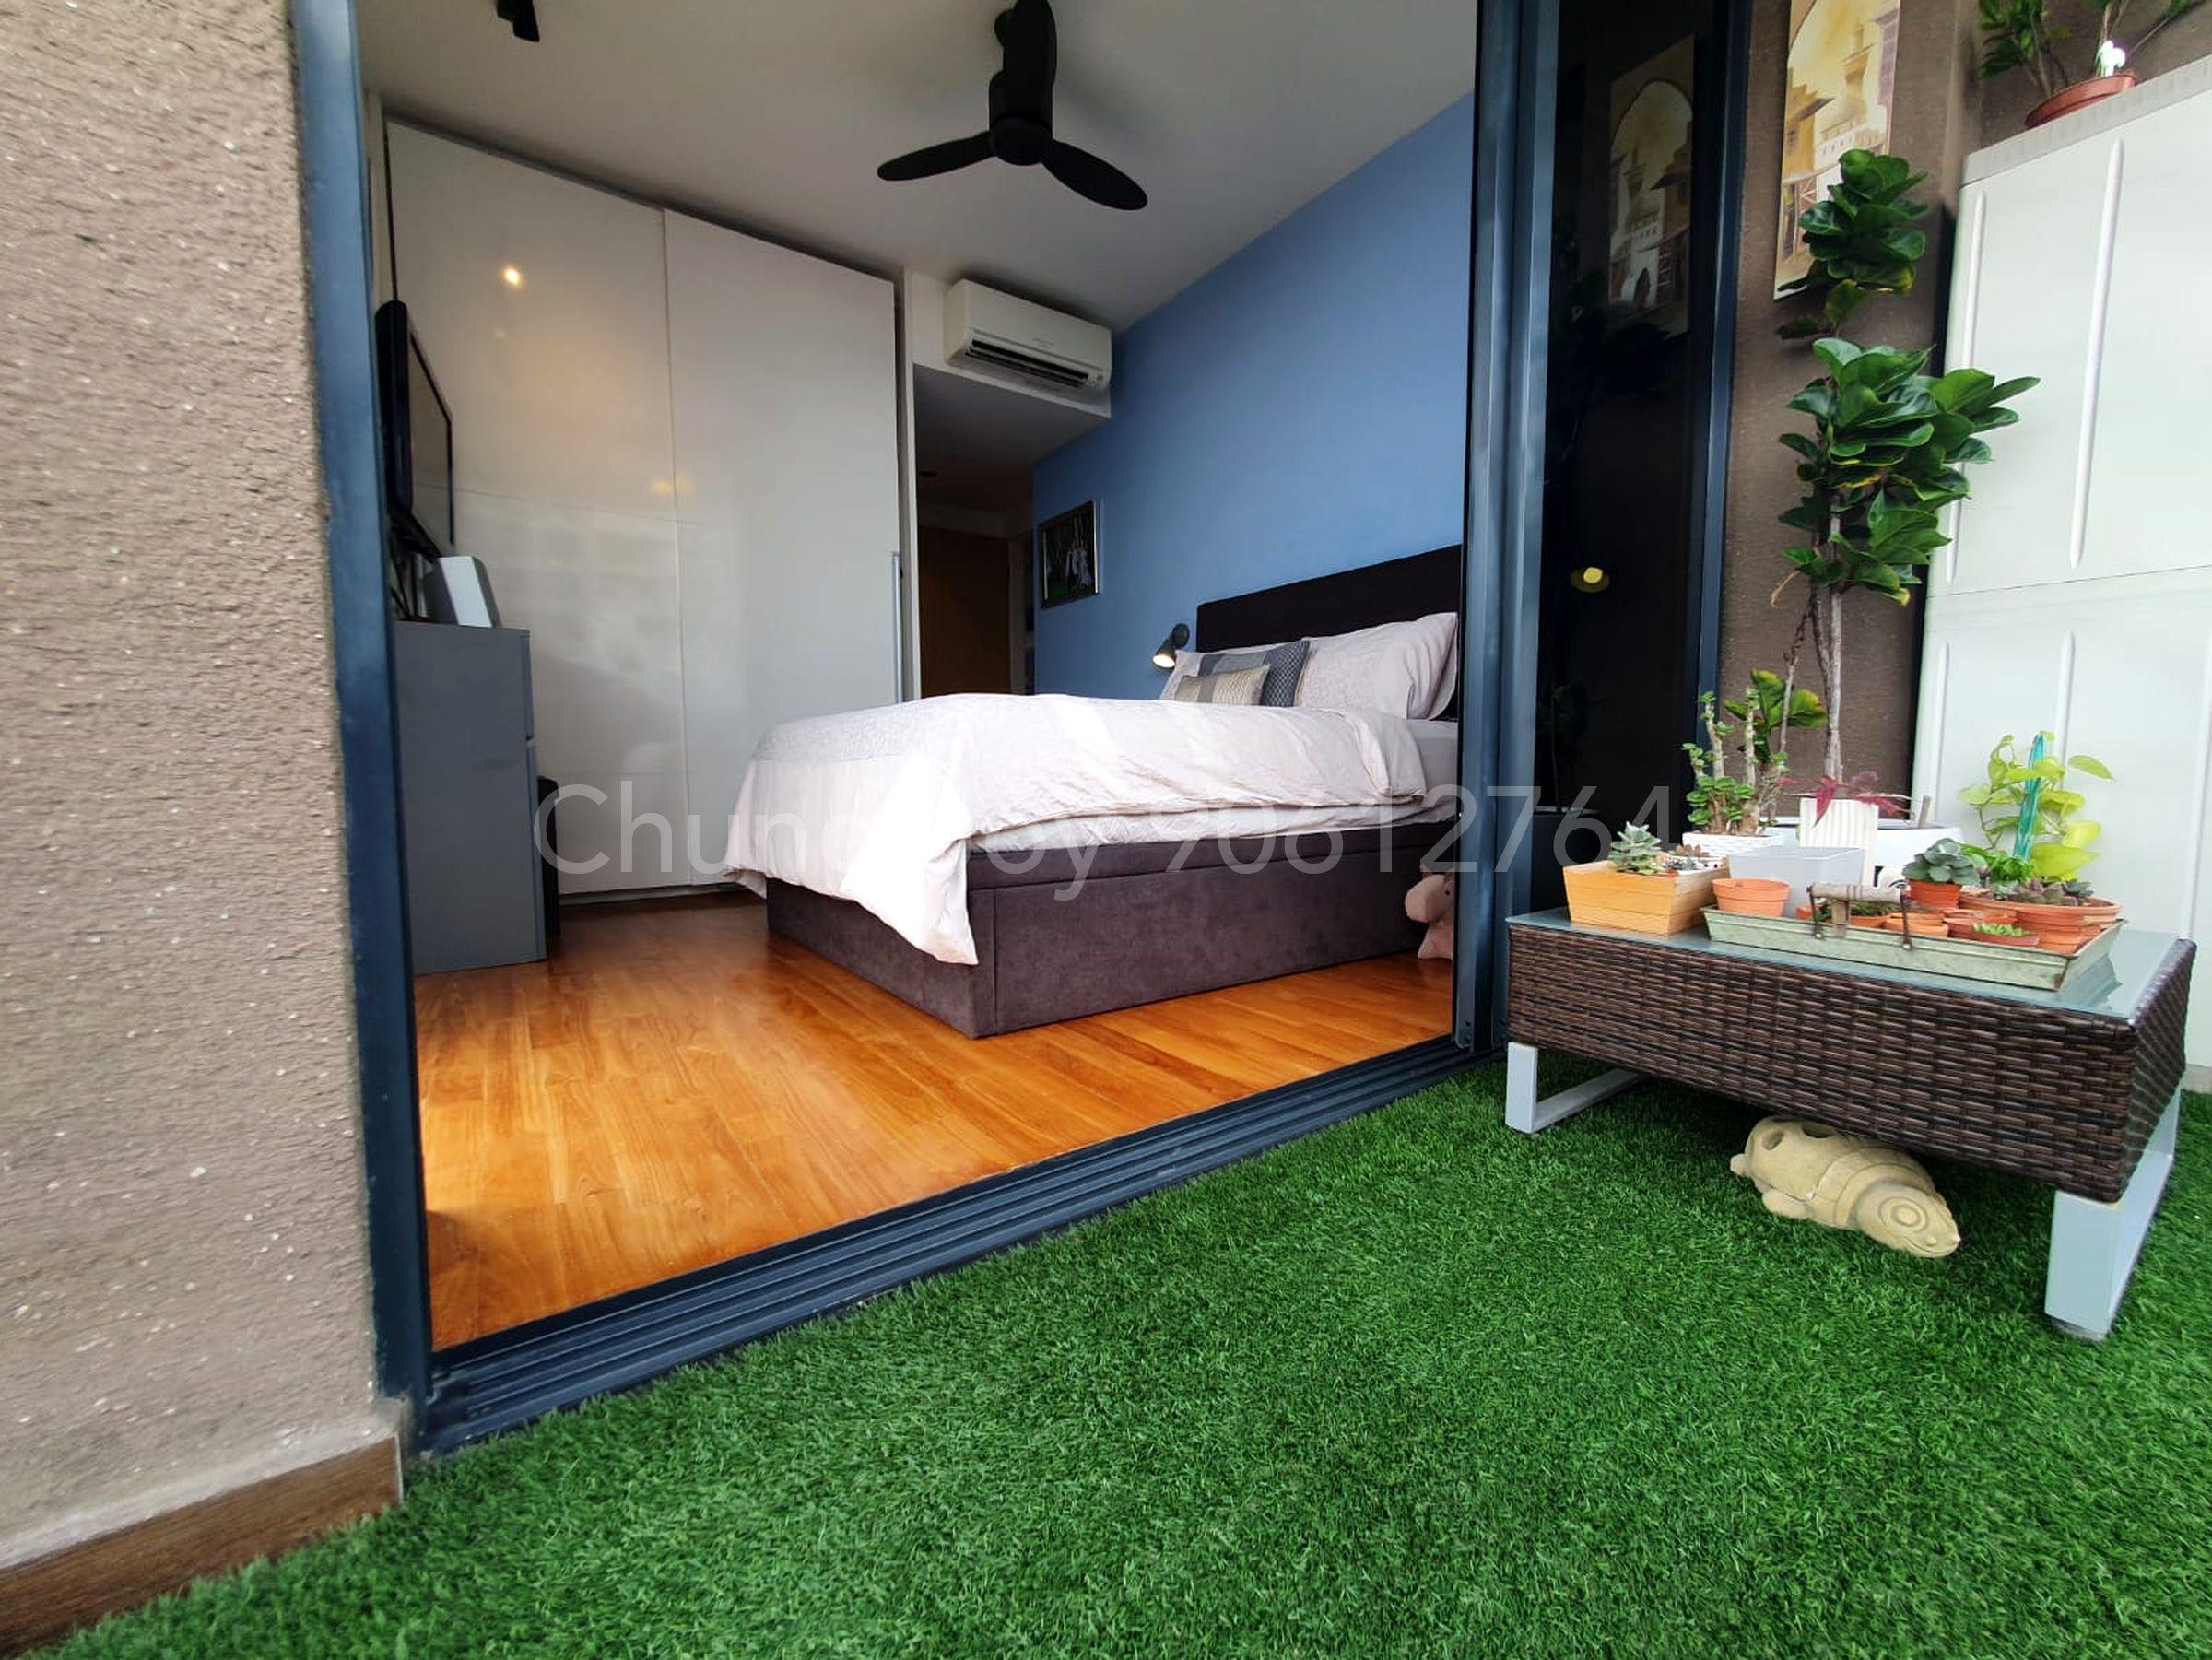 Bright open master bedroom